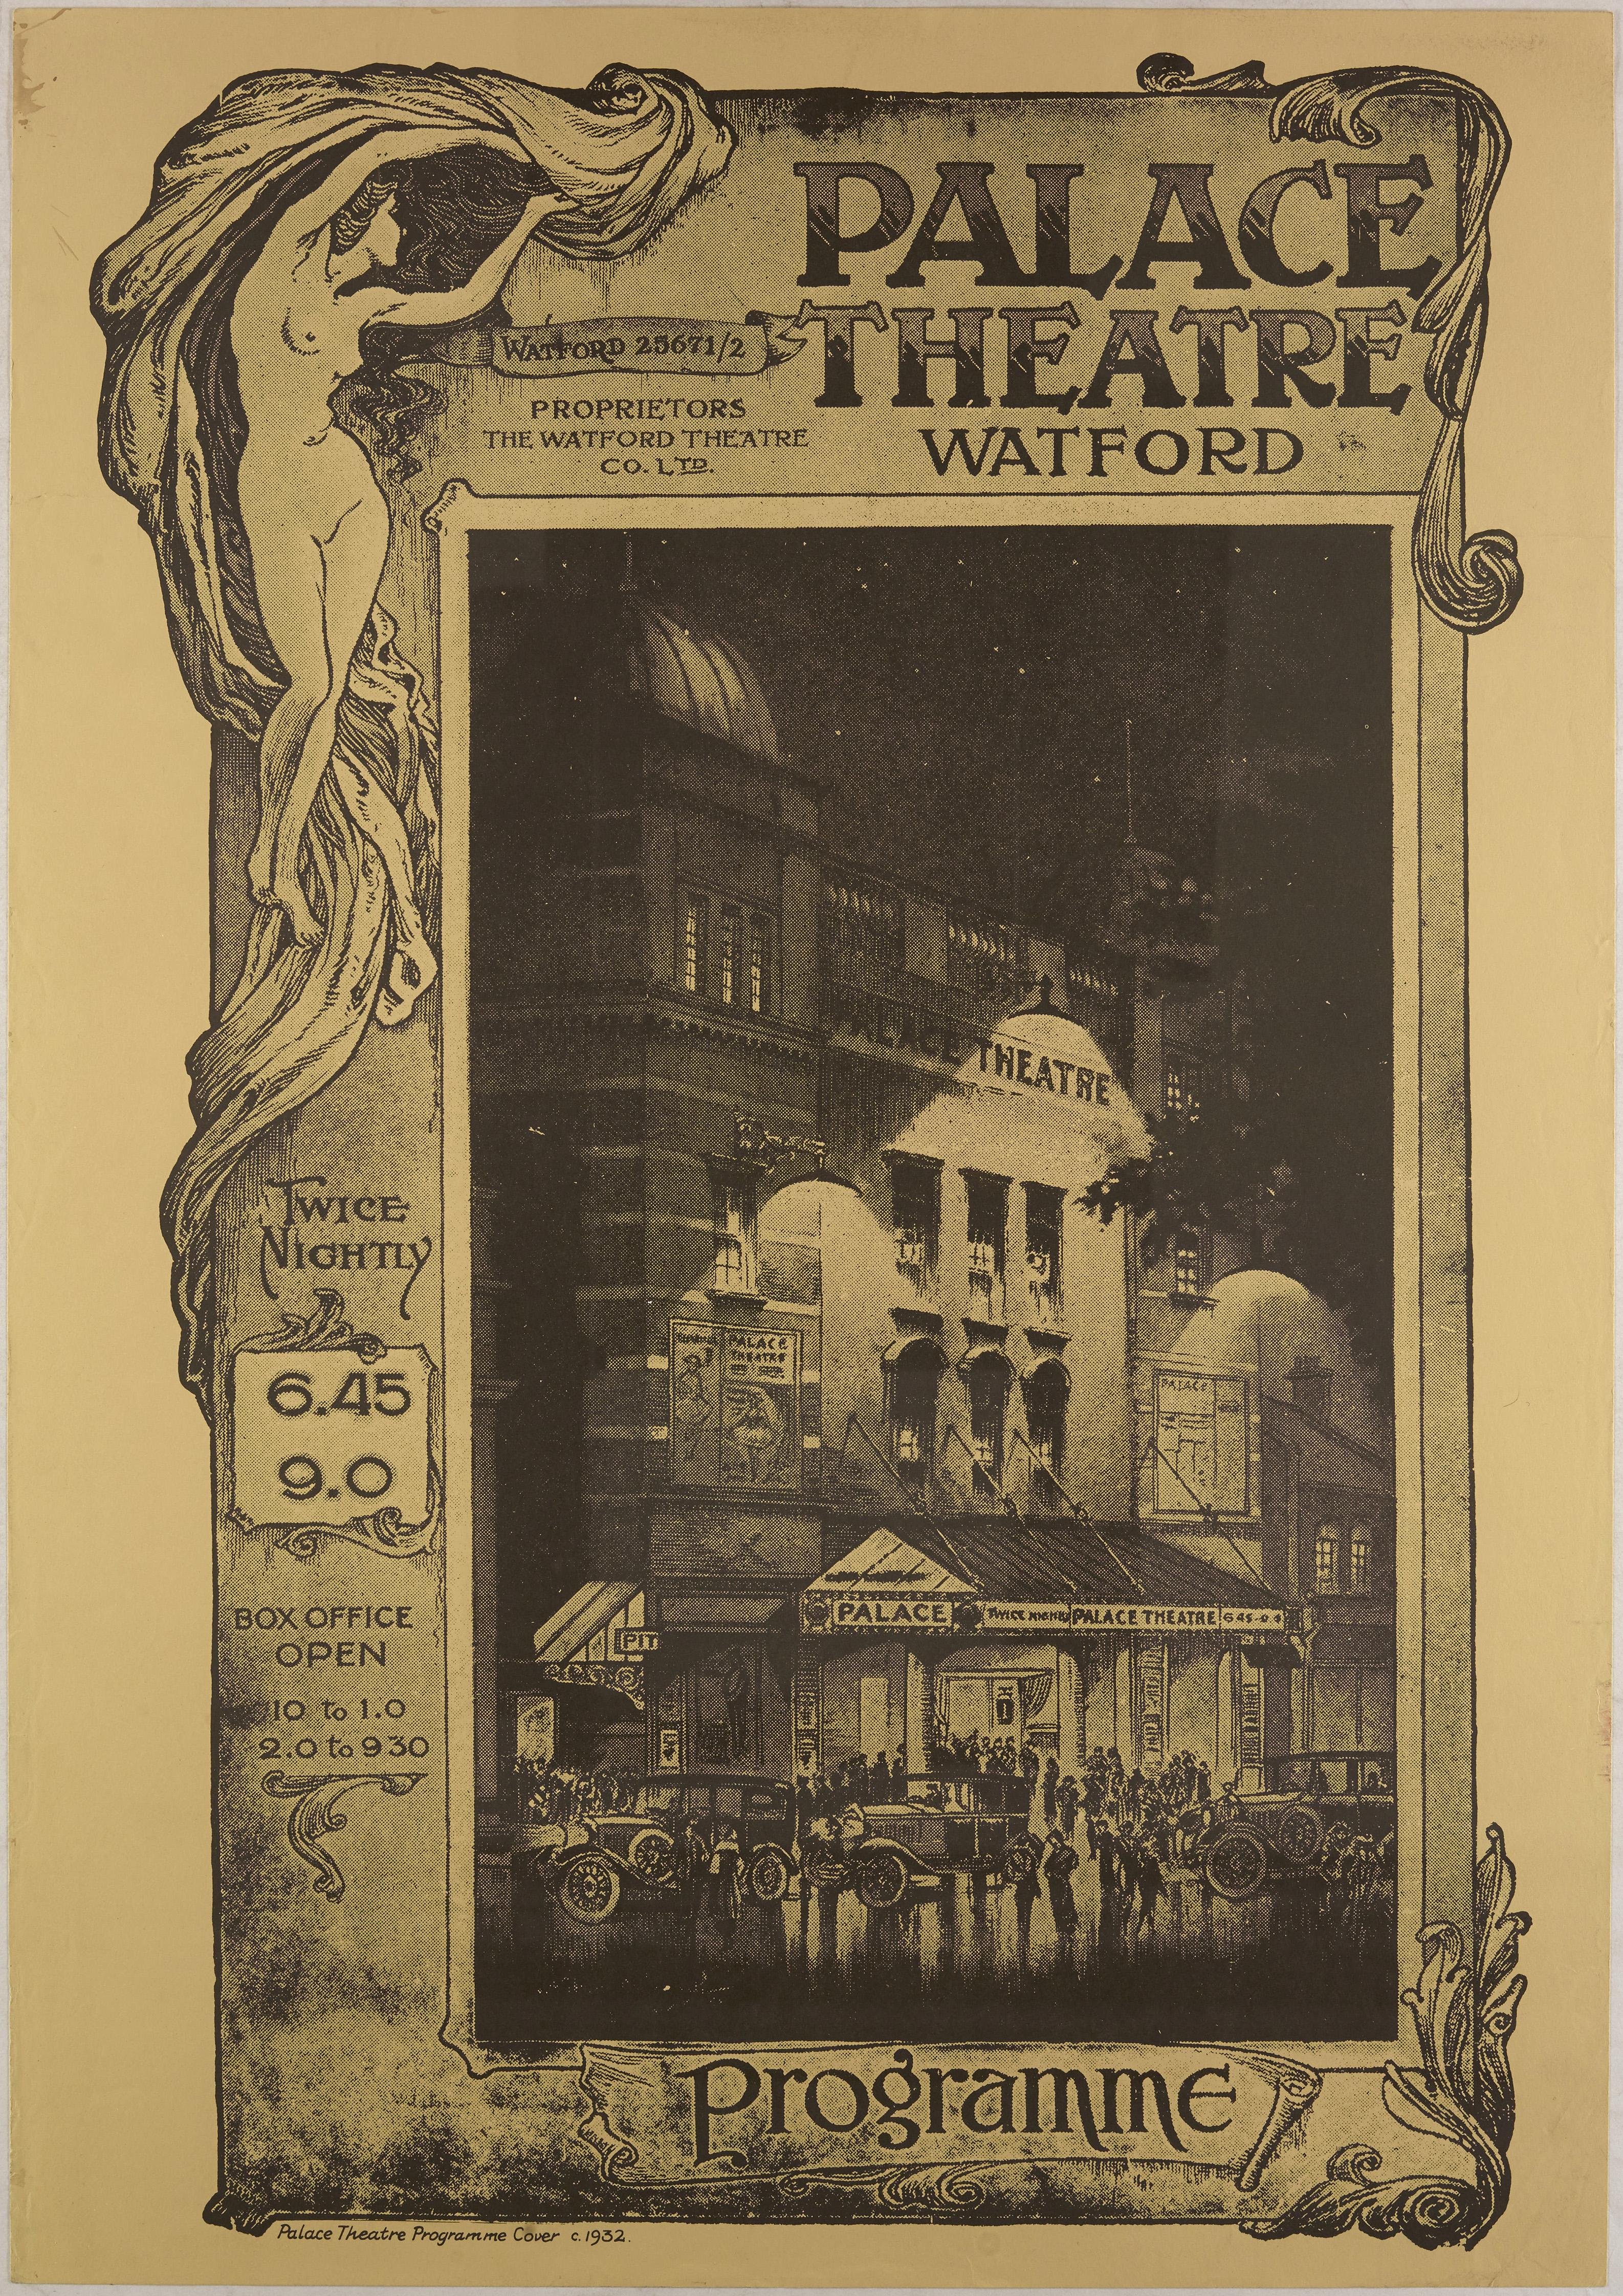 1930s Programme